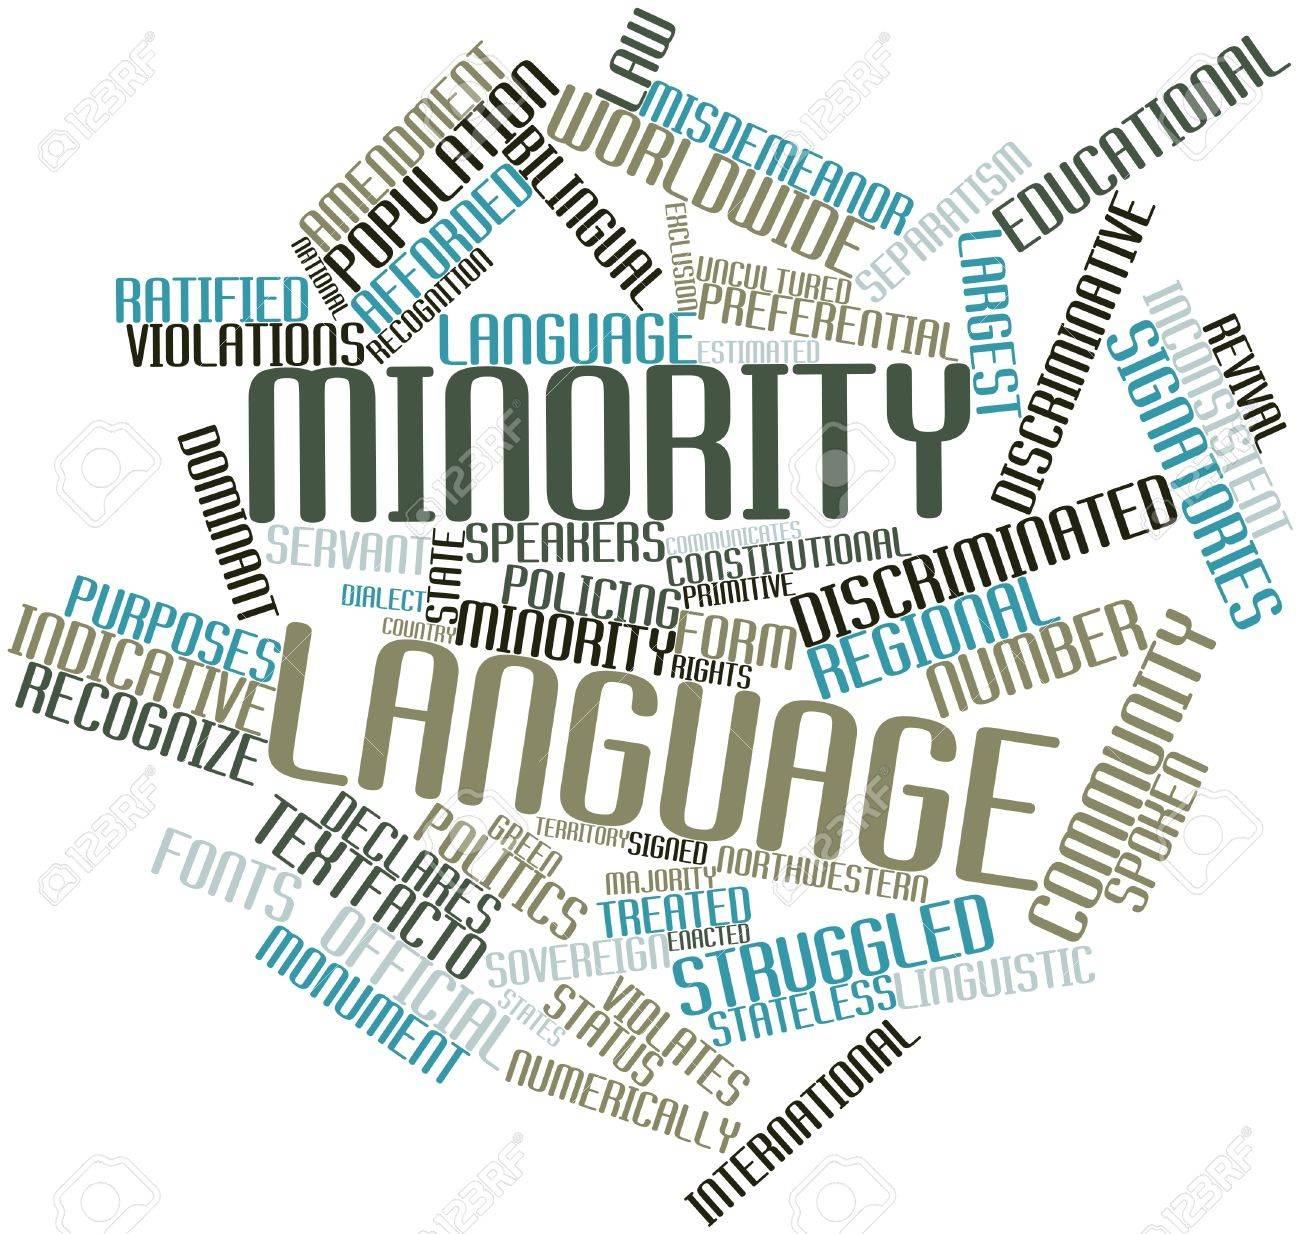 関連タグと用語と少数言語の抽象...